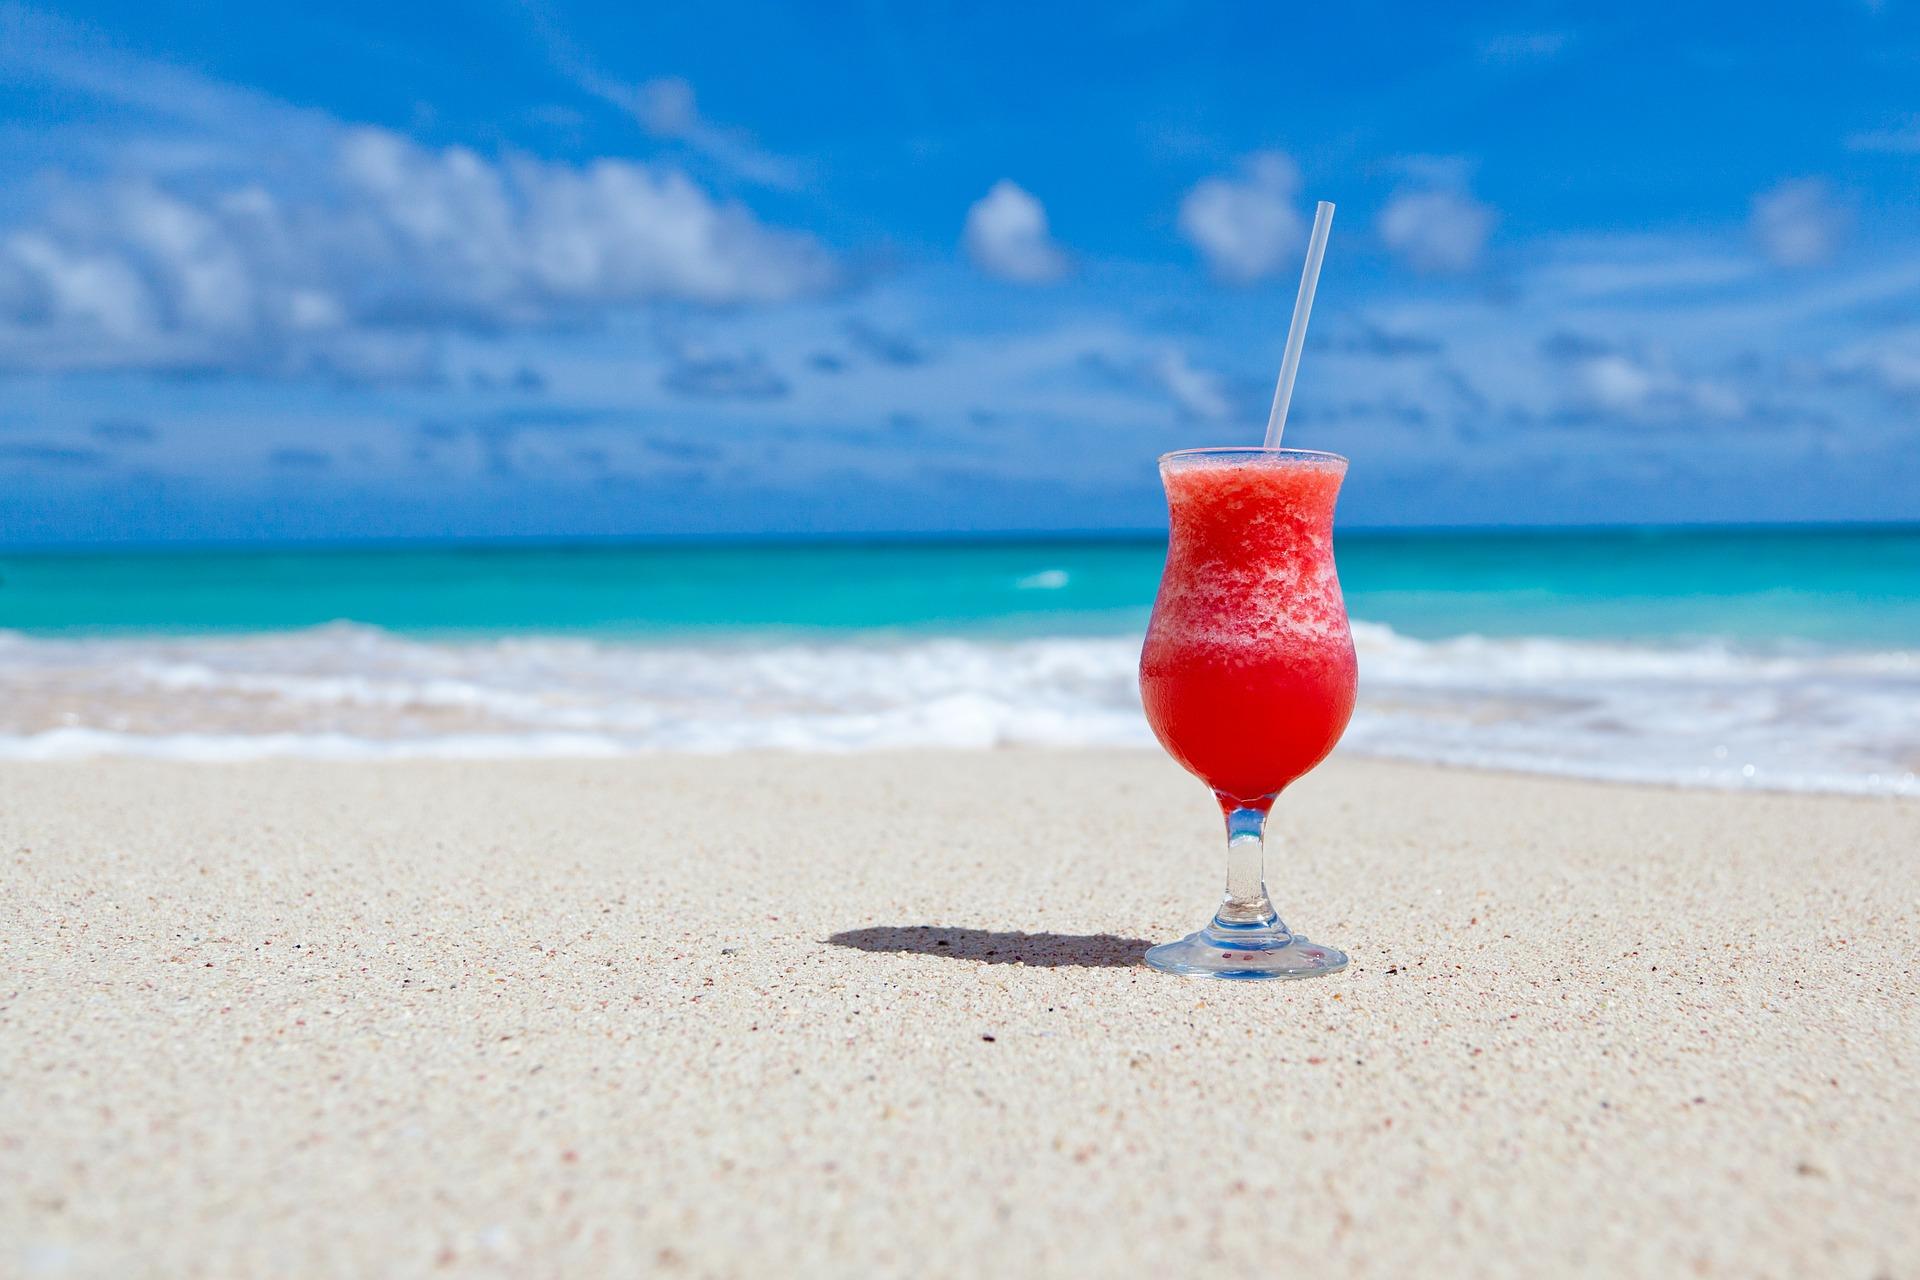 La bacteria 'carnivora' contraataca, ¿debería preocuparte bañarte en la playa?